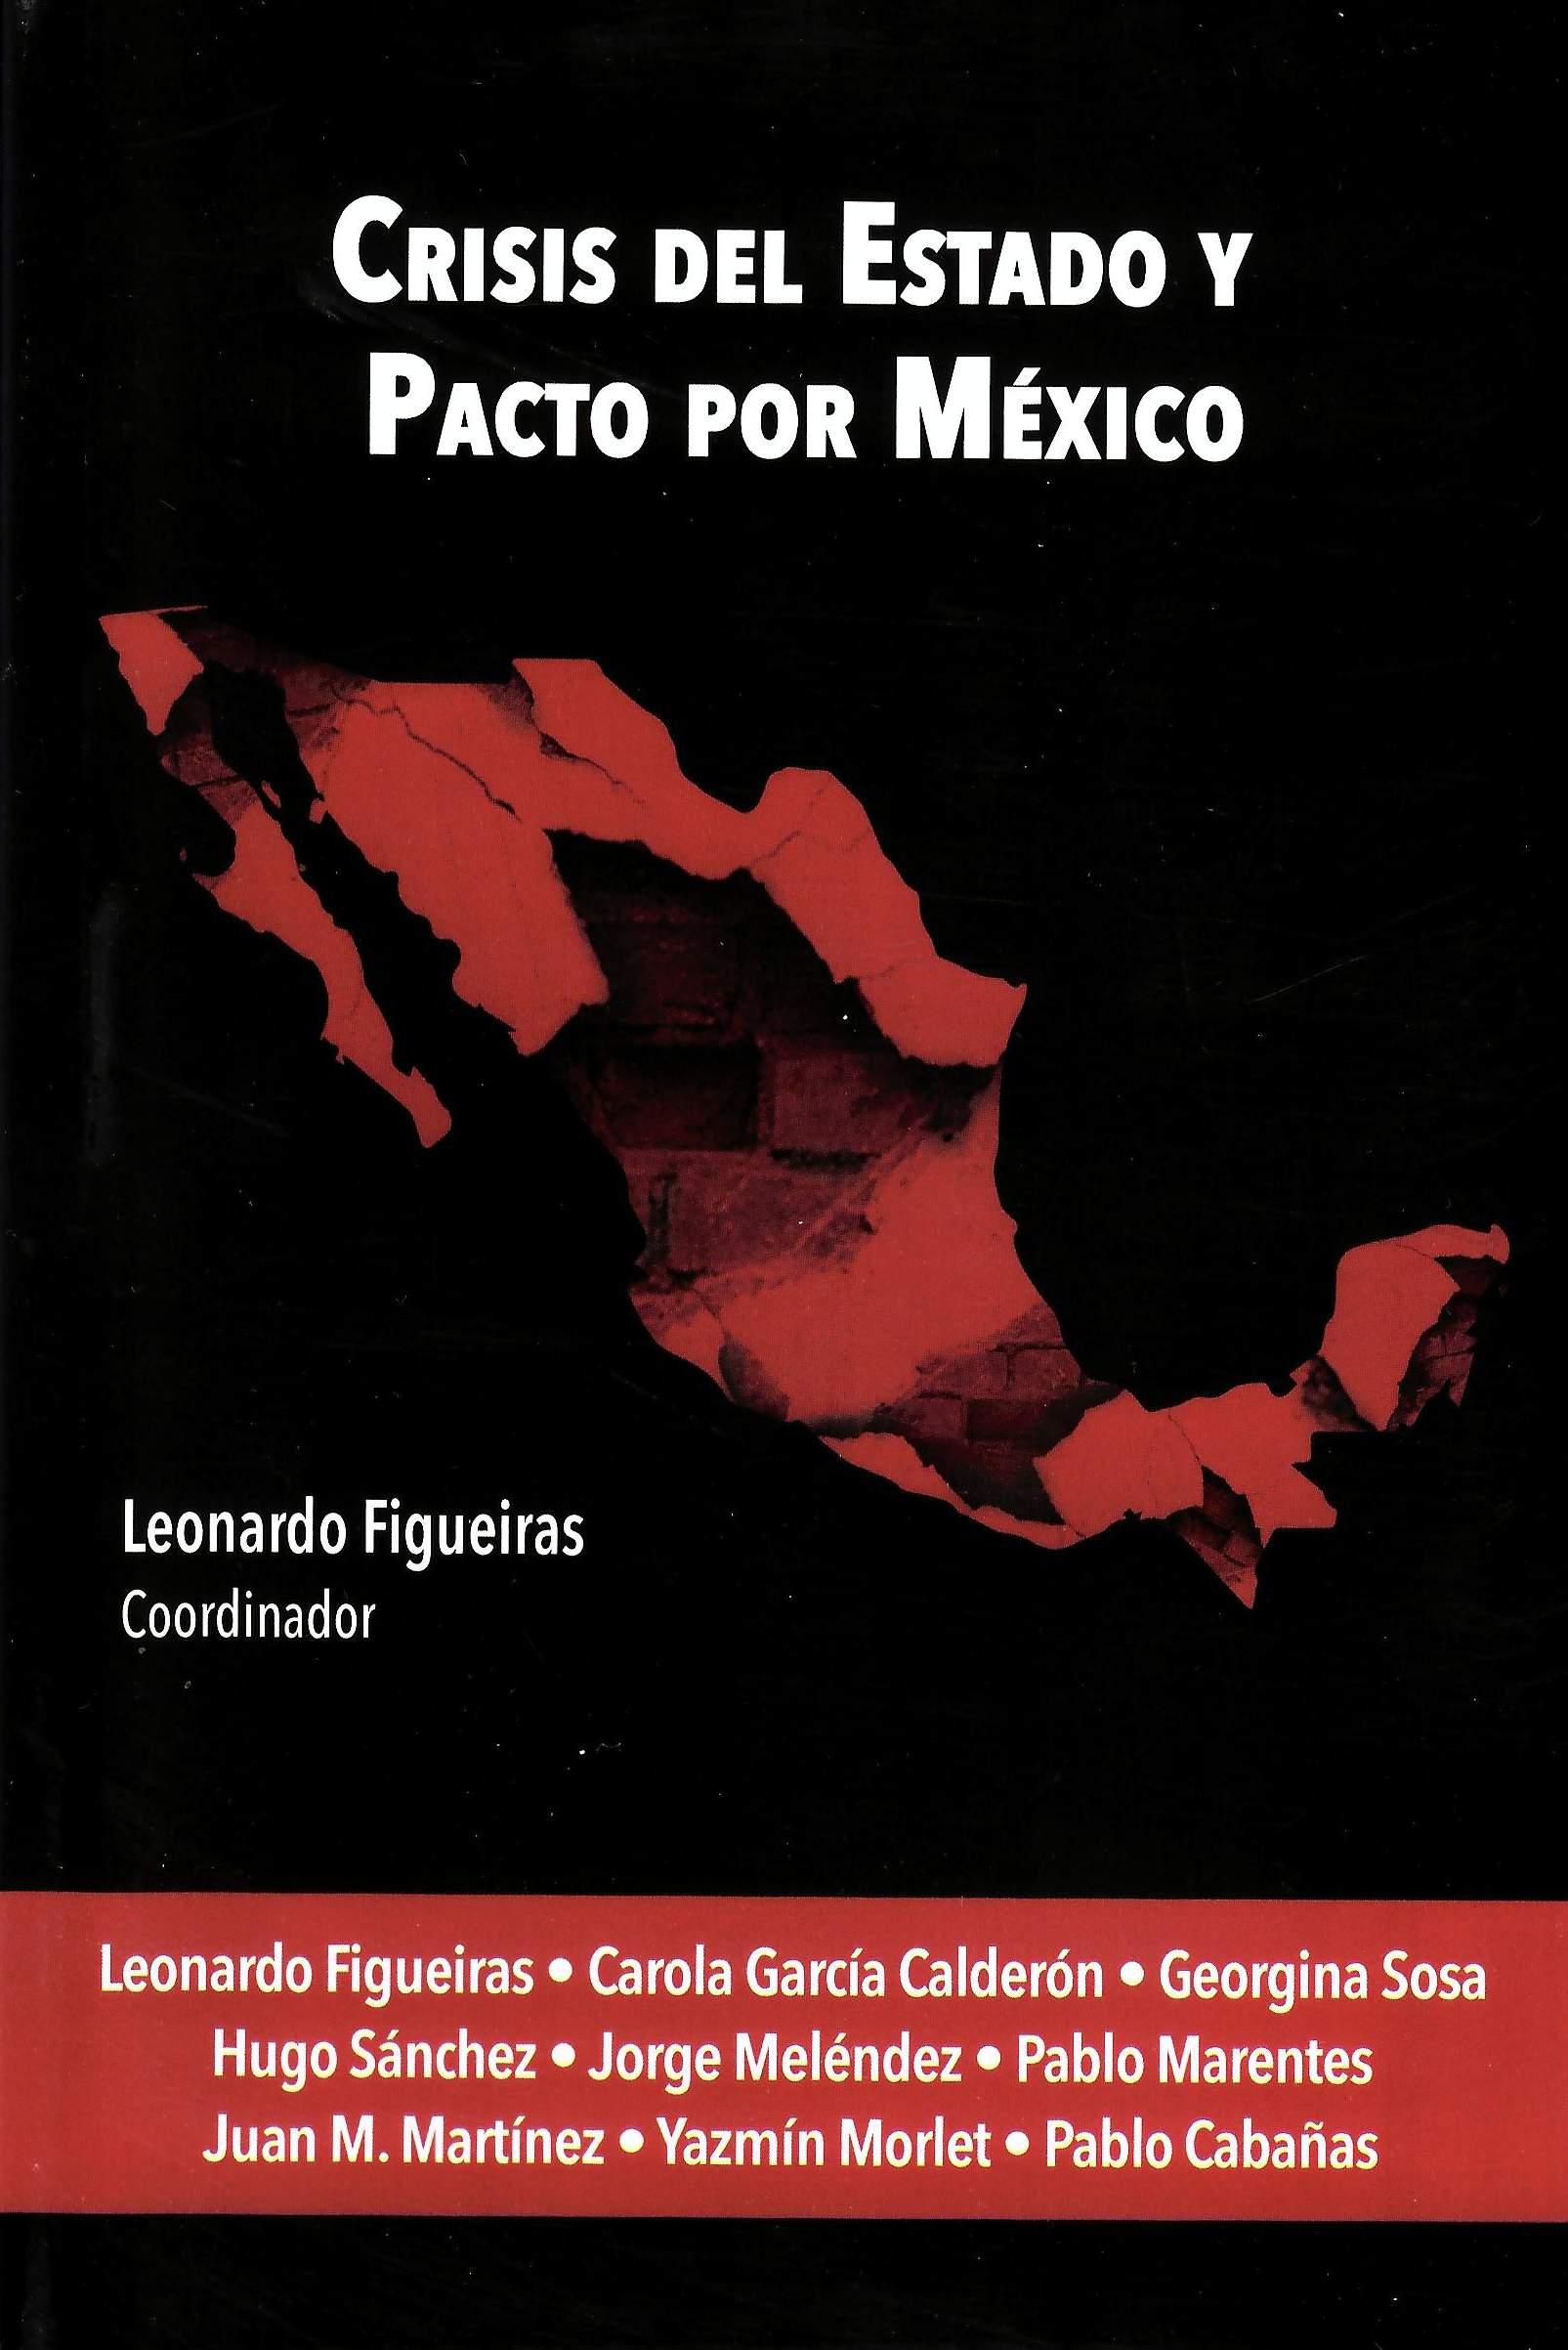 Crisis del estado y pacto por México